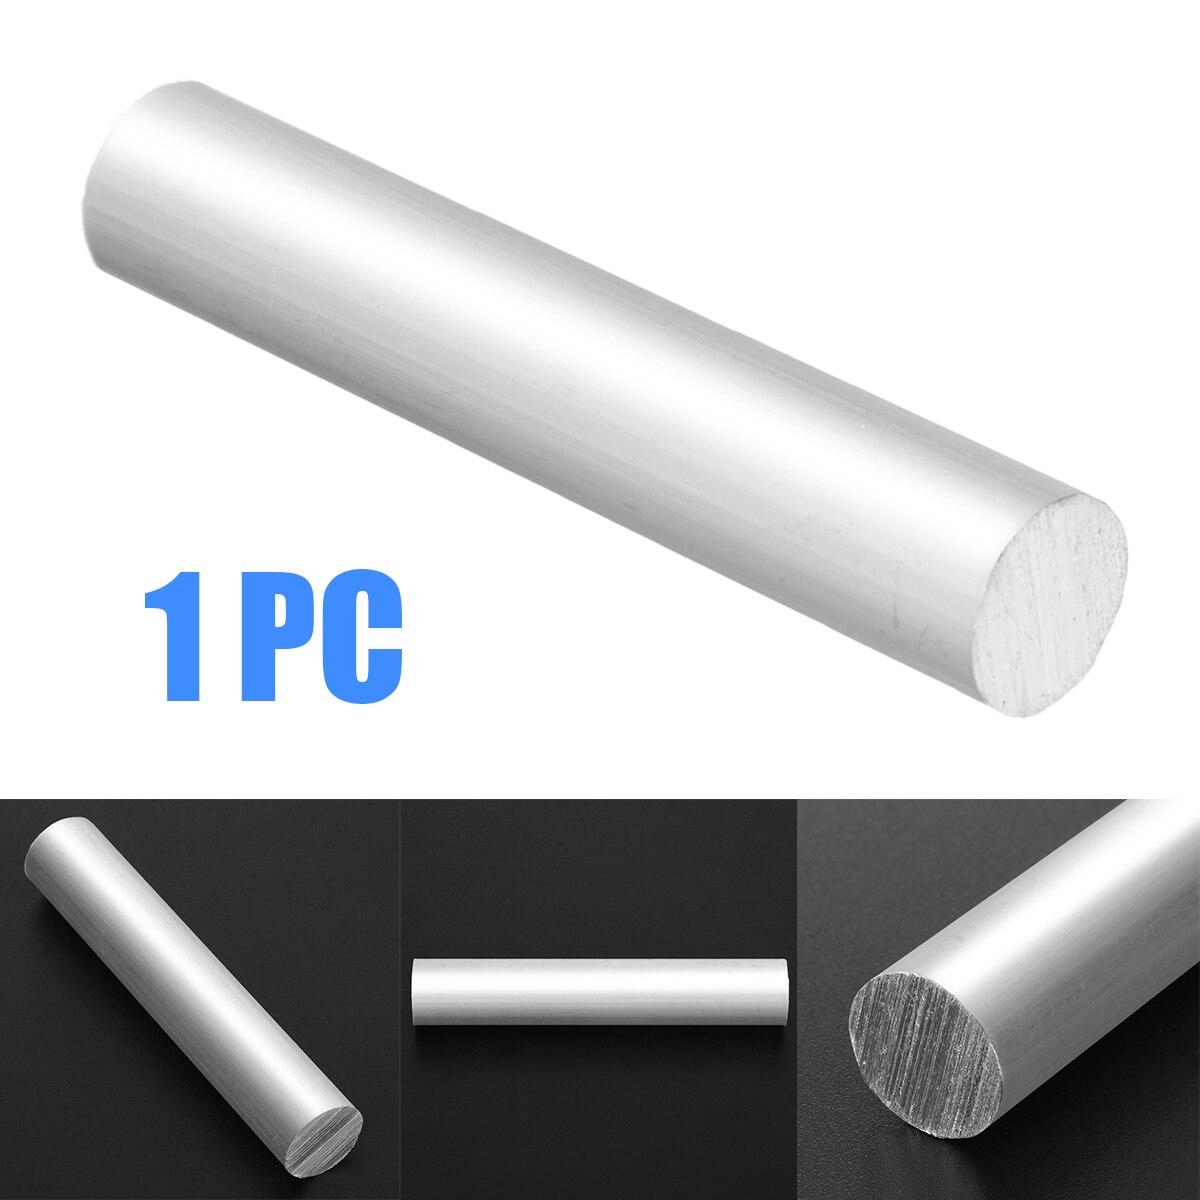 1 шт. высокочистый 99.99% магниевый металлический стержень Mg 16 мм x 9 см Высококачественный сварочный магниевый Стержень сварочный инструмент